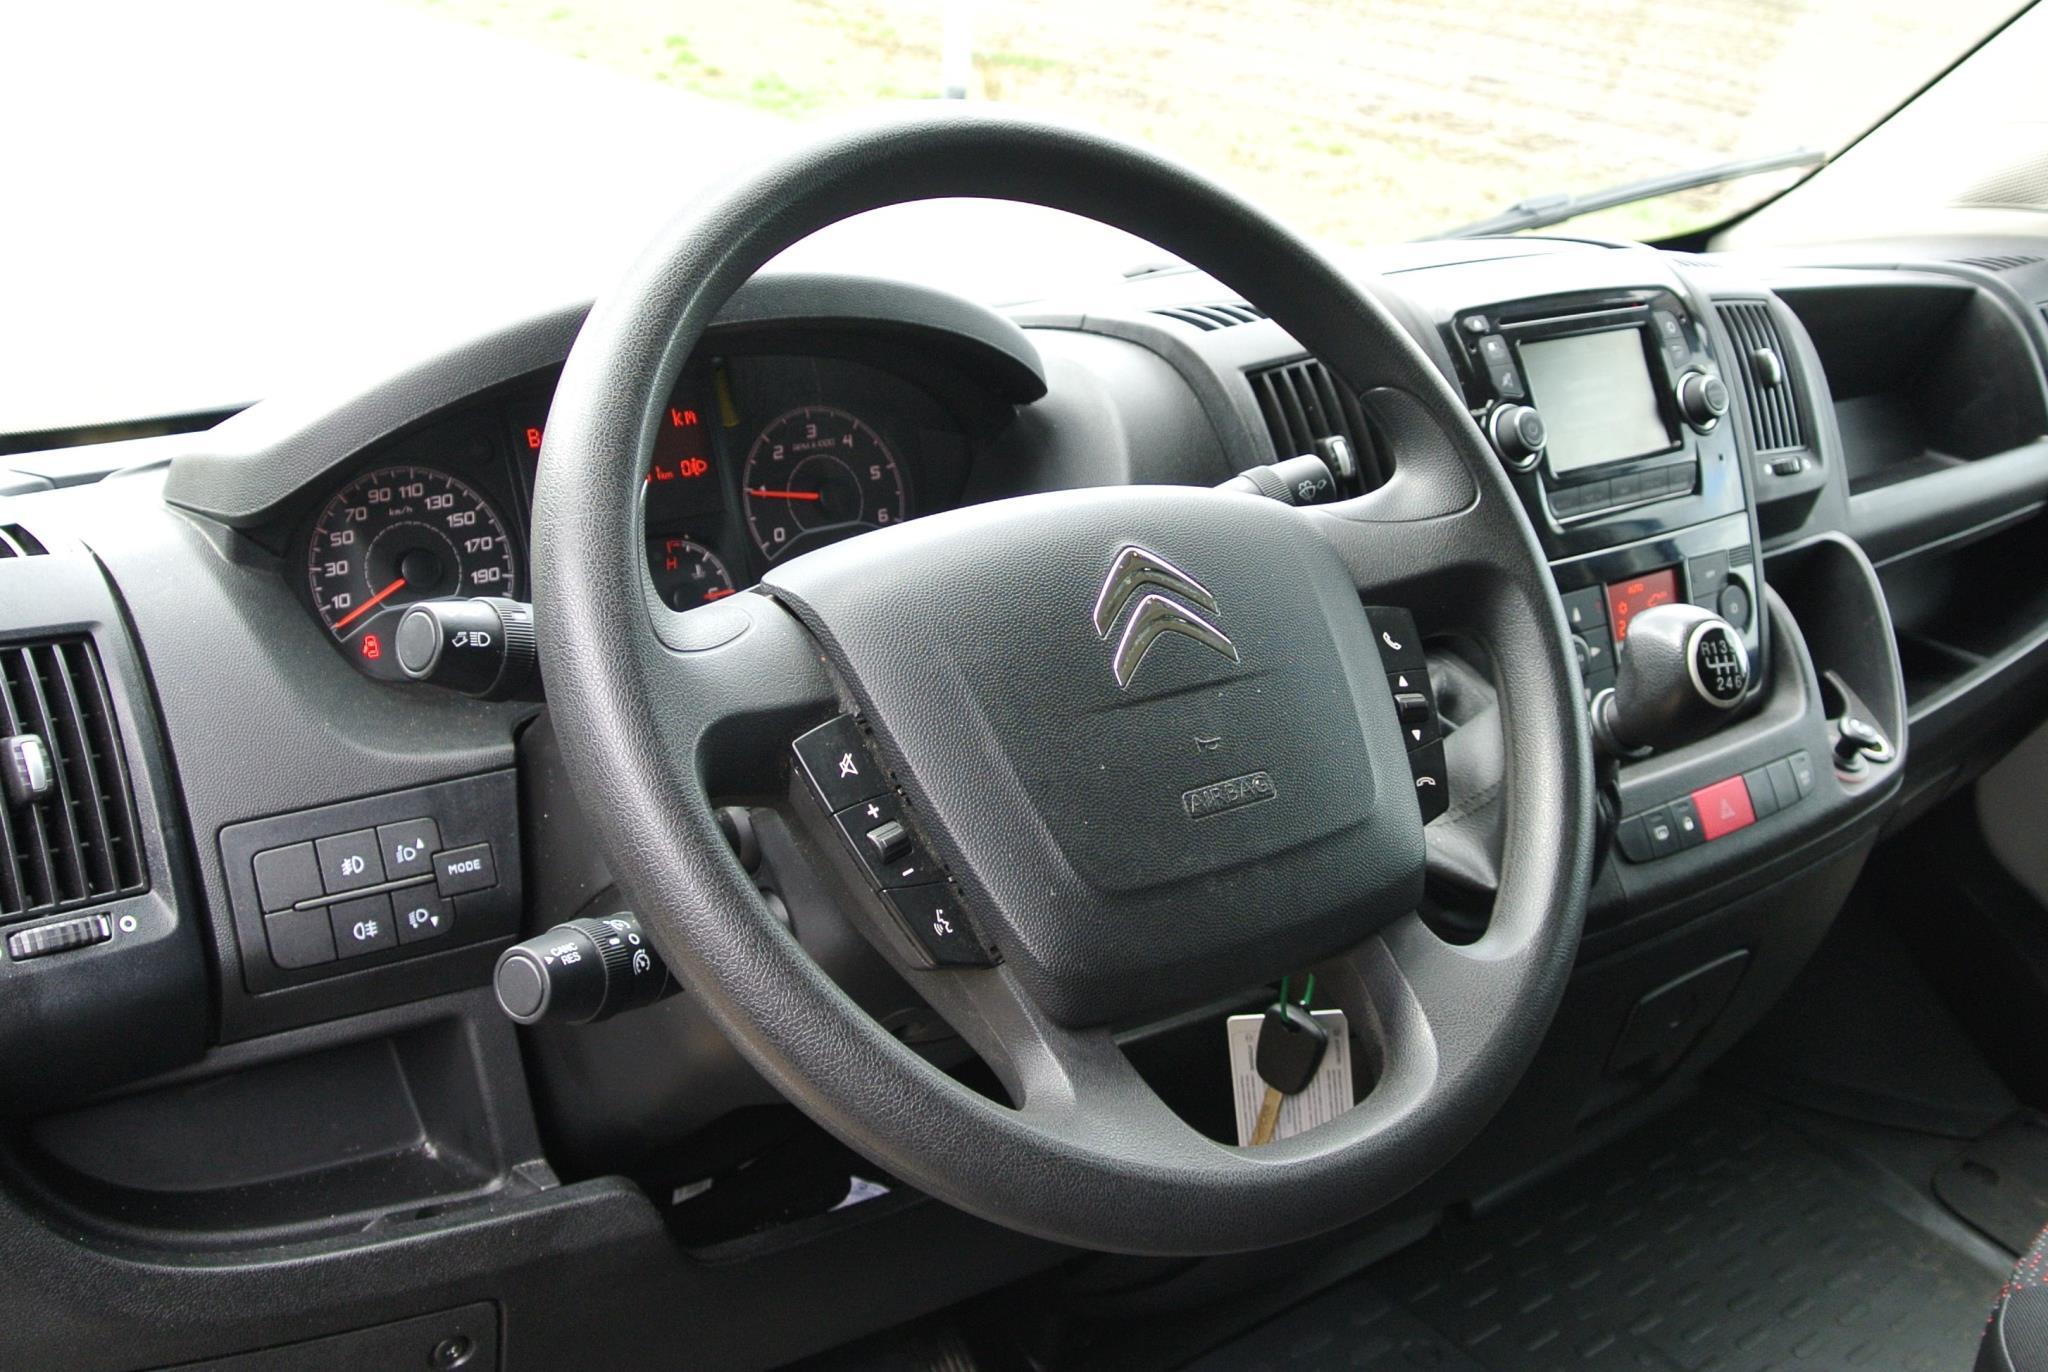 Citroën Jumper 35 2.2 HDI L3H2 3500kg, 131pk, Navigatie, Camera, Climate, Cruise, P-sensoren